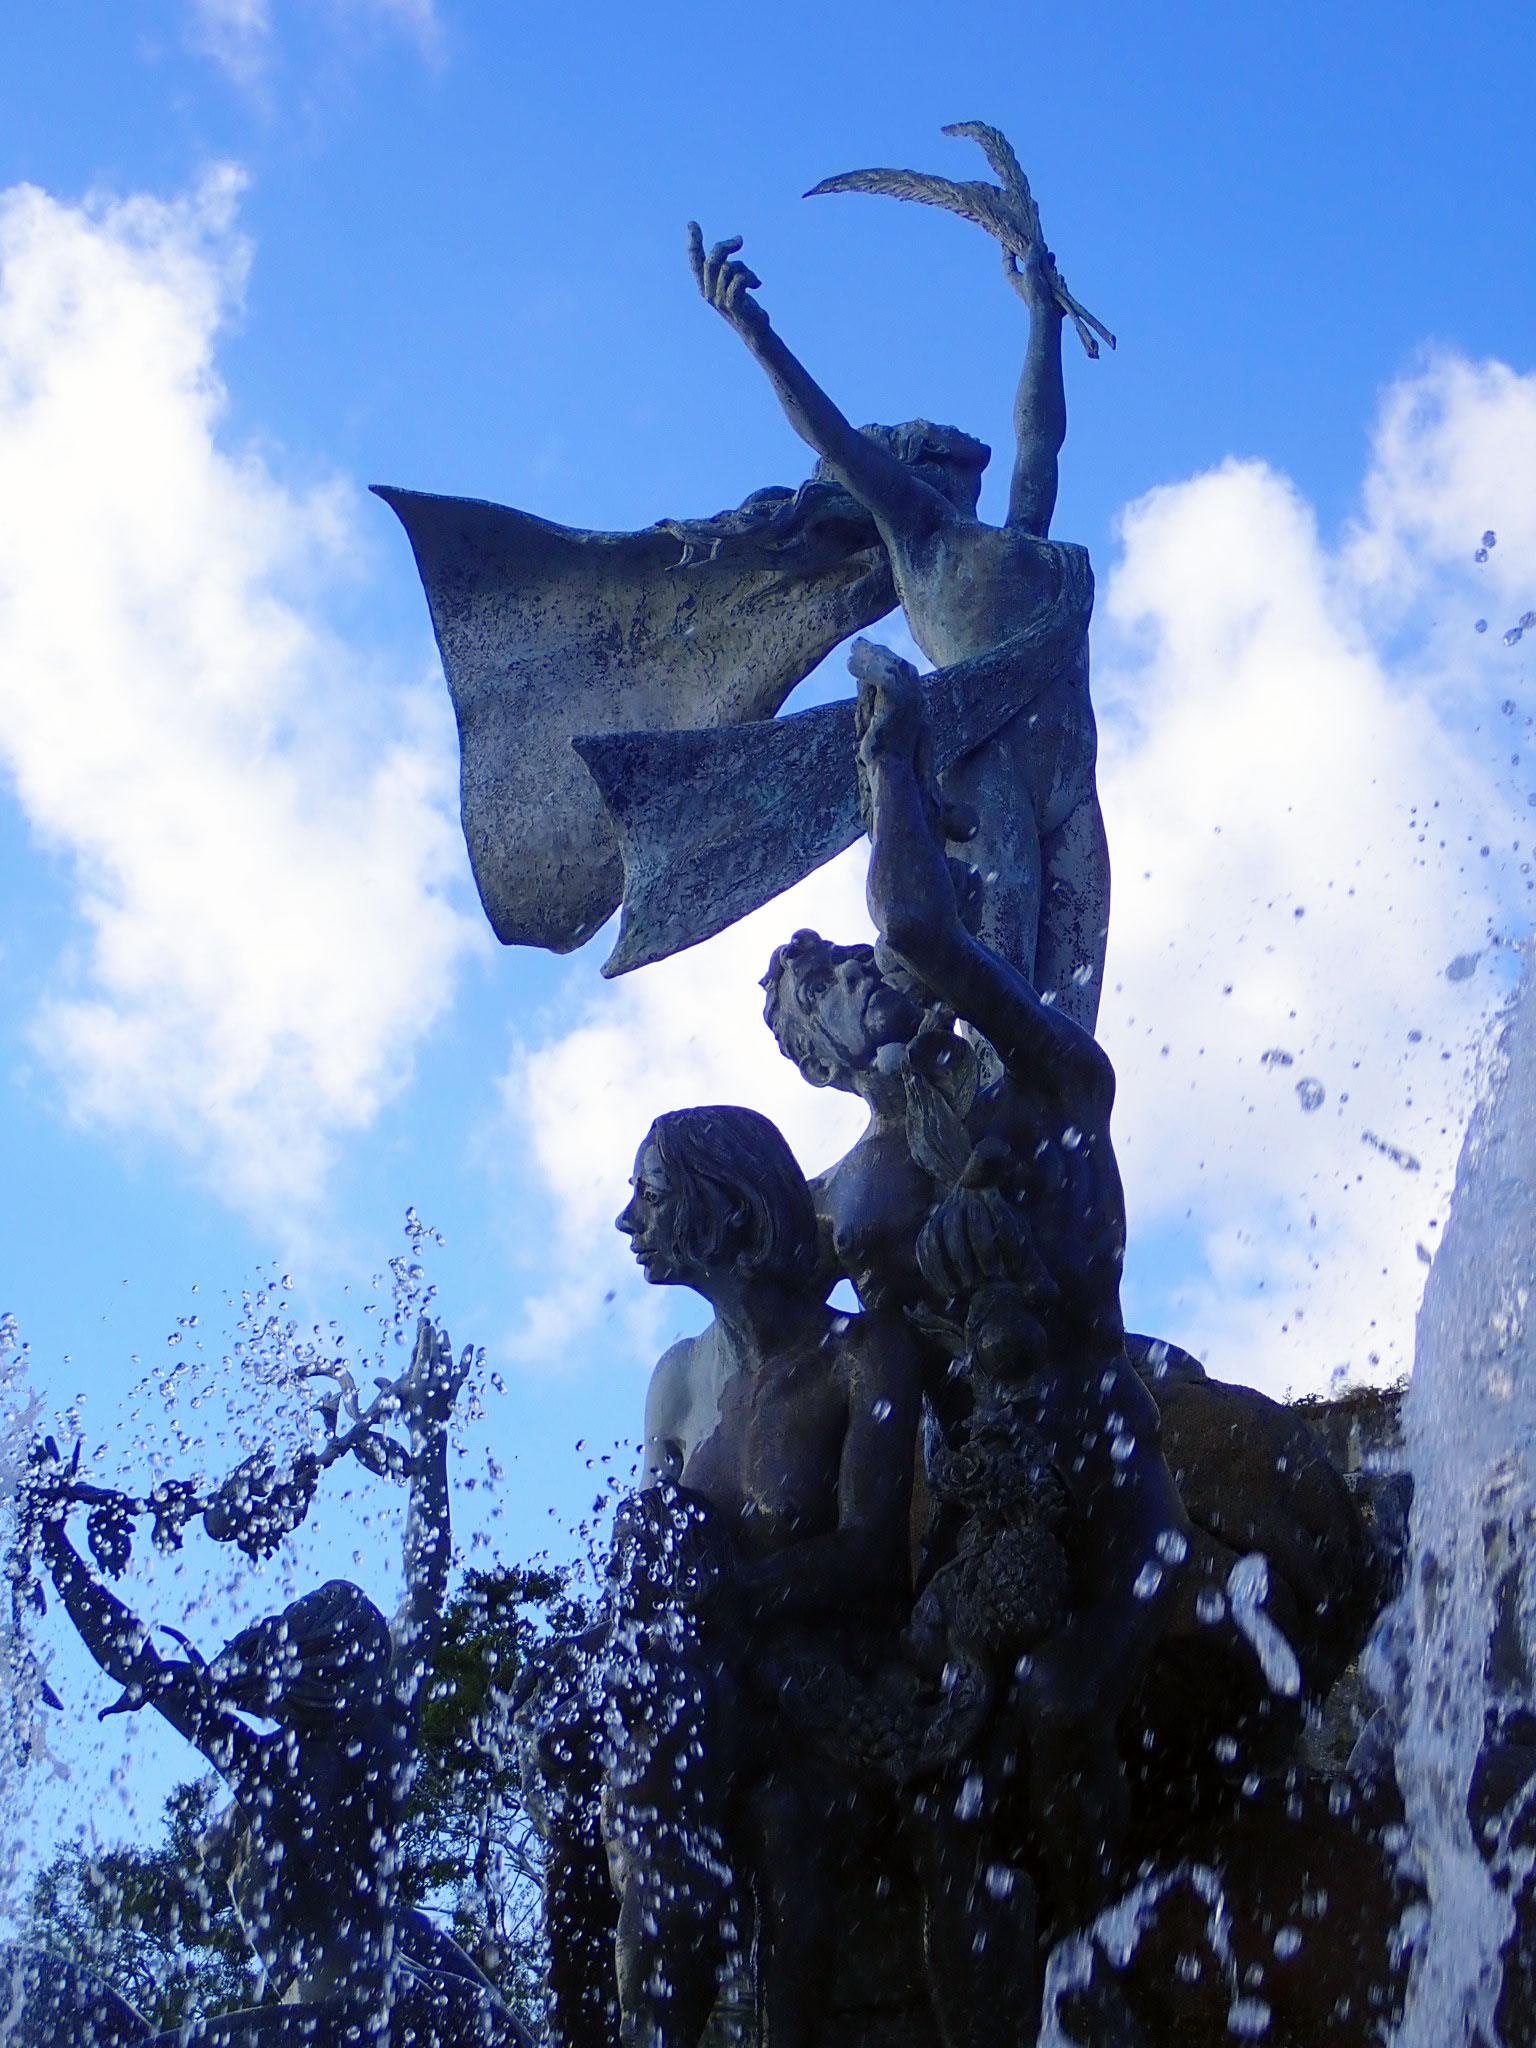 Fuente Raices   Paseo de la Princesa   Old San Juan   Viejo San Juan   Things to do Old San Juan   Things to do Viejo San Juan   Puerto Rico Things To Do   www.anajacqueline.com